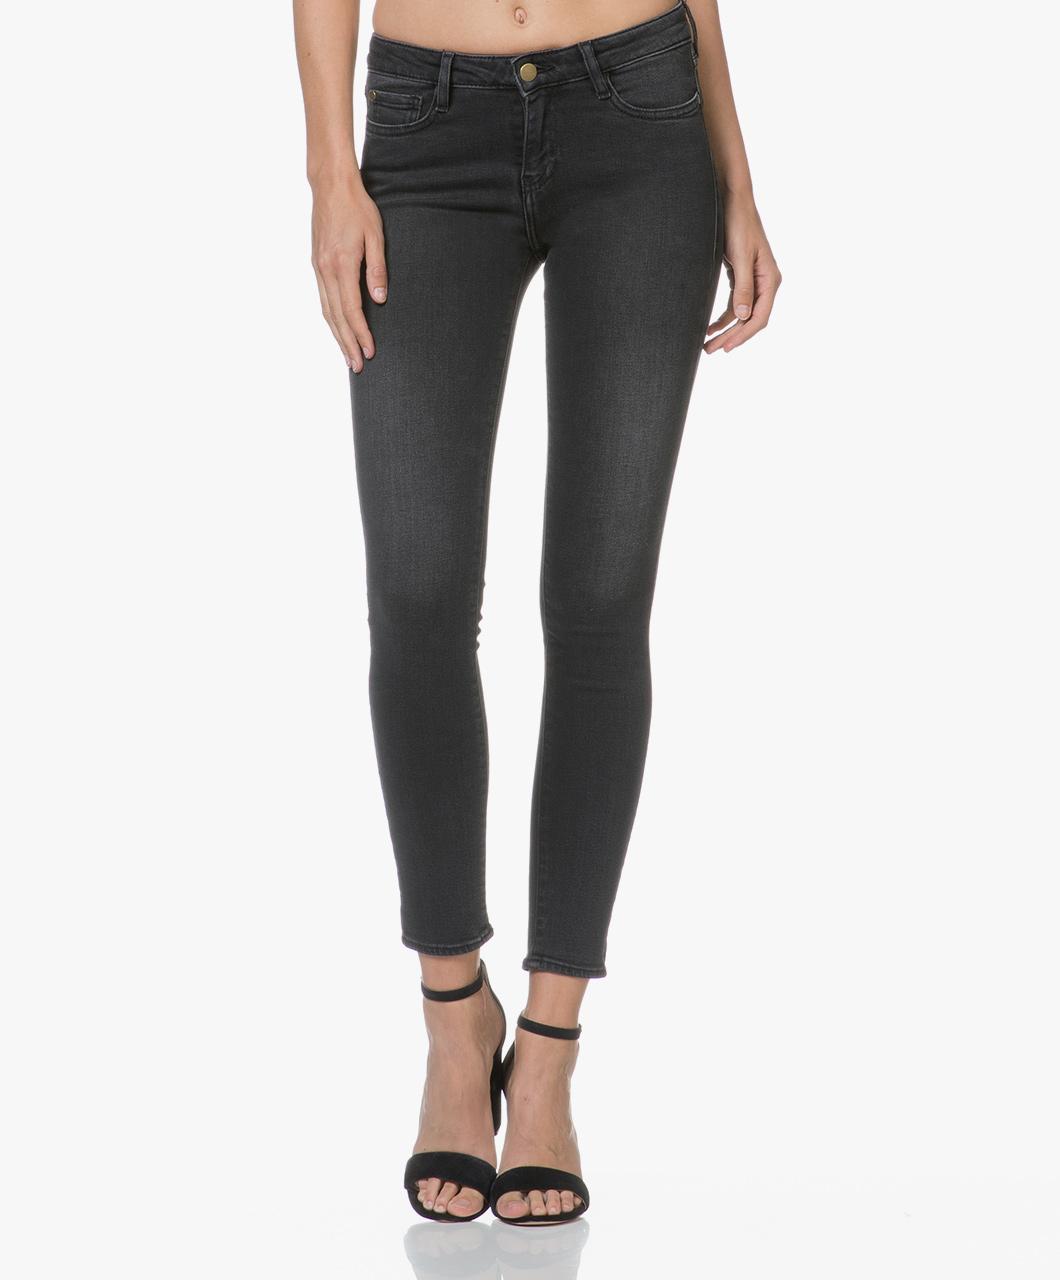 Afbeelding van Ba&sh Jeans Lily Stretchy Skinny in Zwart